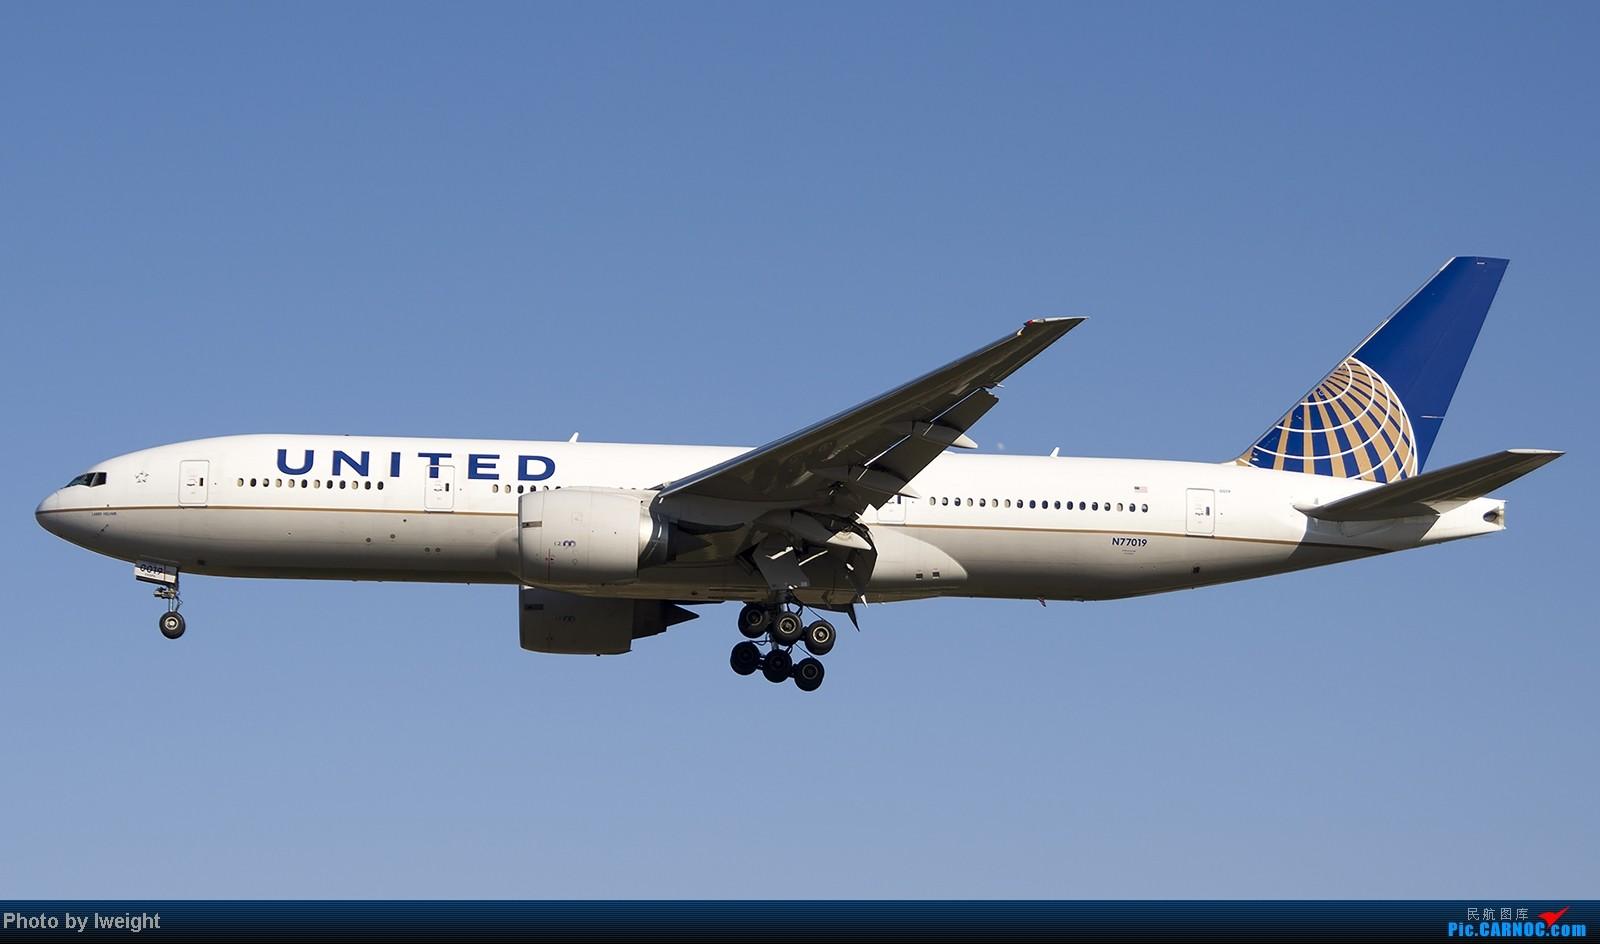 Re:[原创]终于盼来了晴天,PEK拍起【10月26日】 BOEING 777-200ER N77019 中国北京首都机场